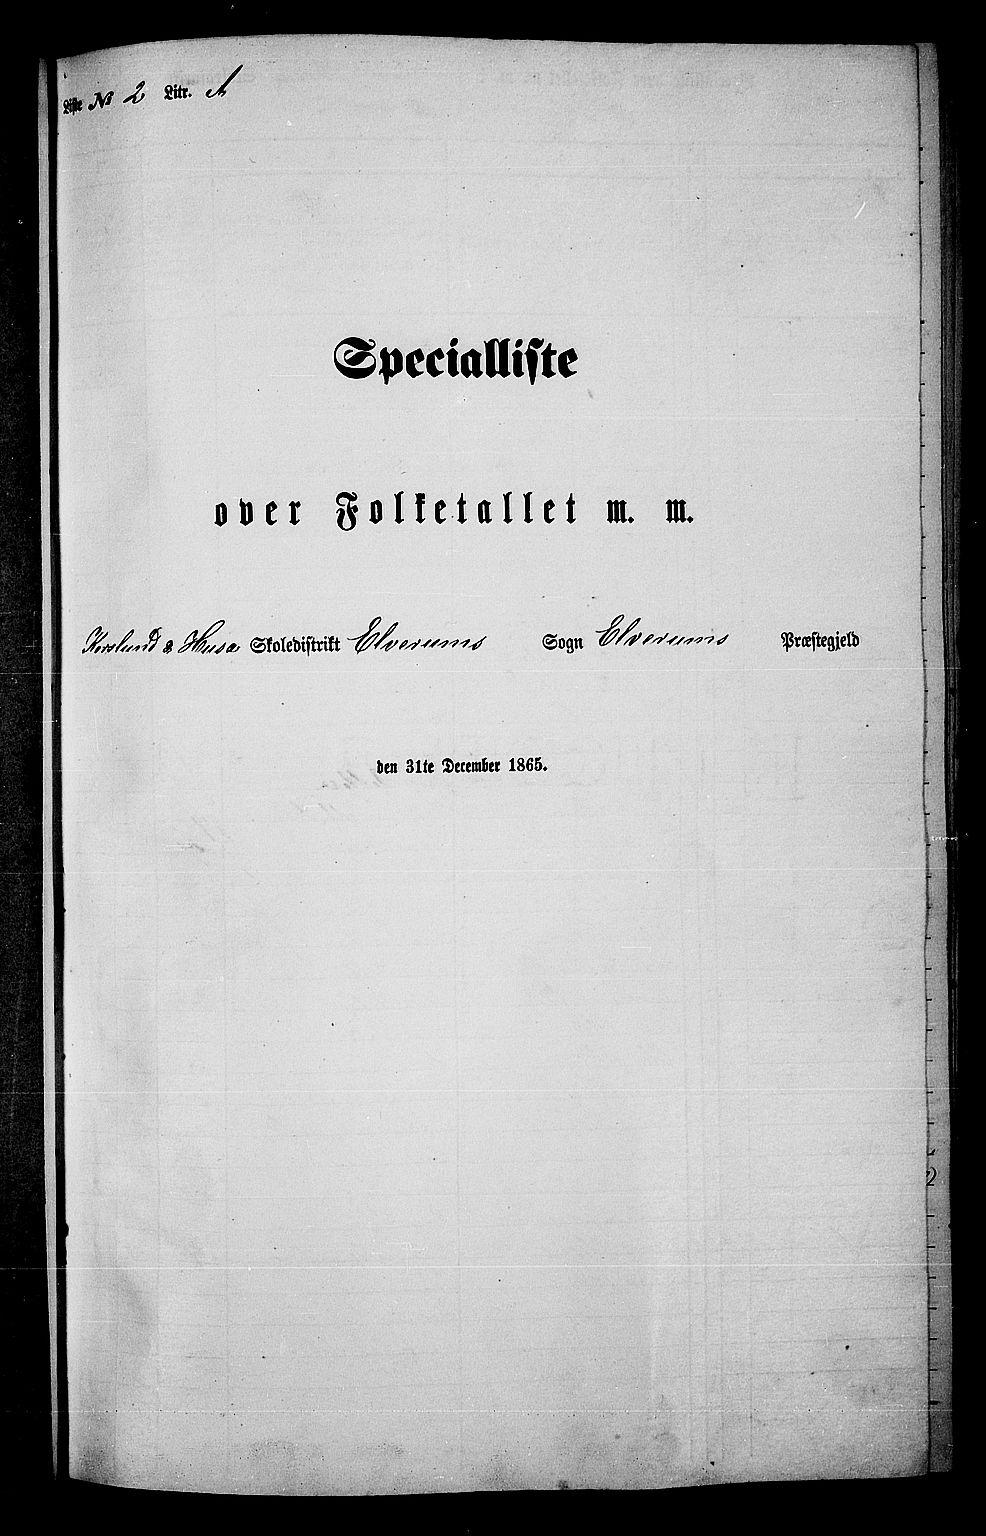 RA, Folketelling 1865 for 0427P Elverum prestegjeld, 1865, s. 37